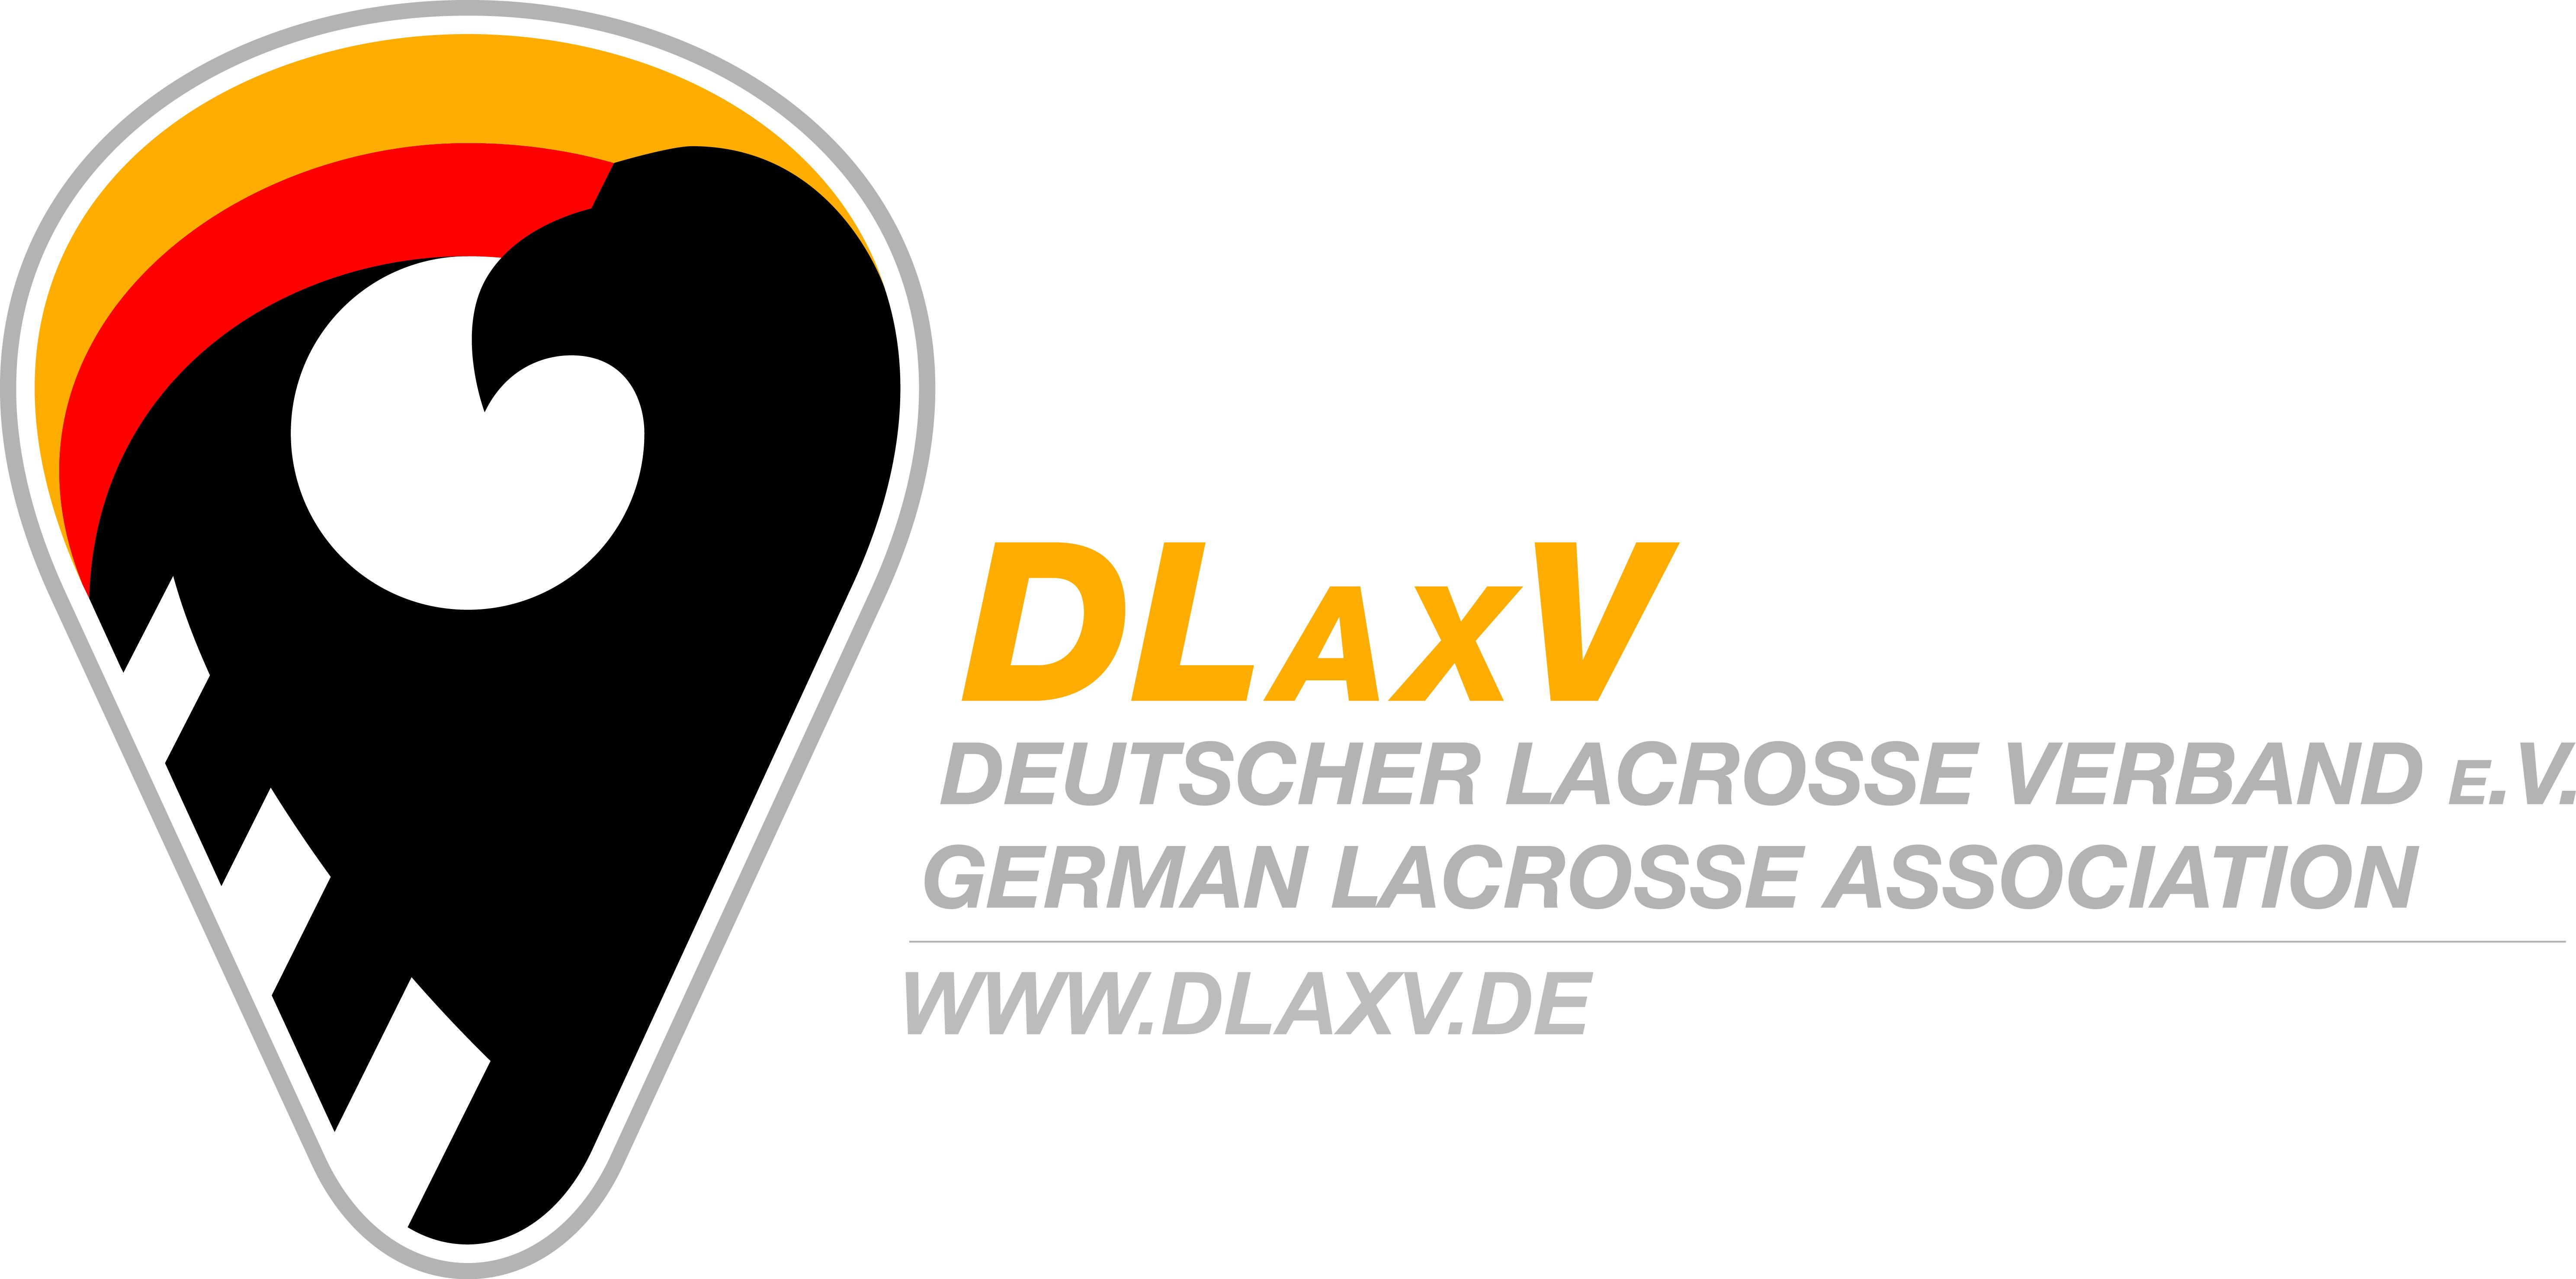 DLaxV_Logo_mit_Text.jpg